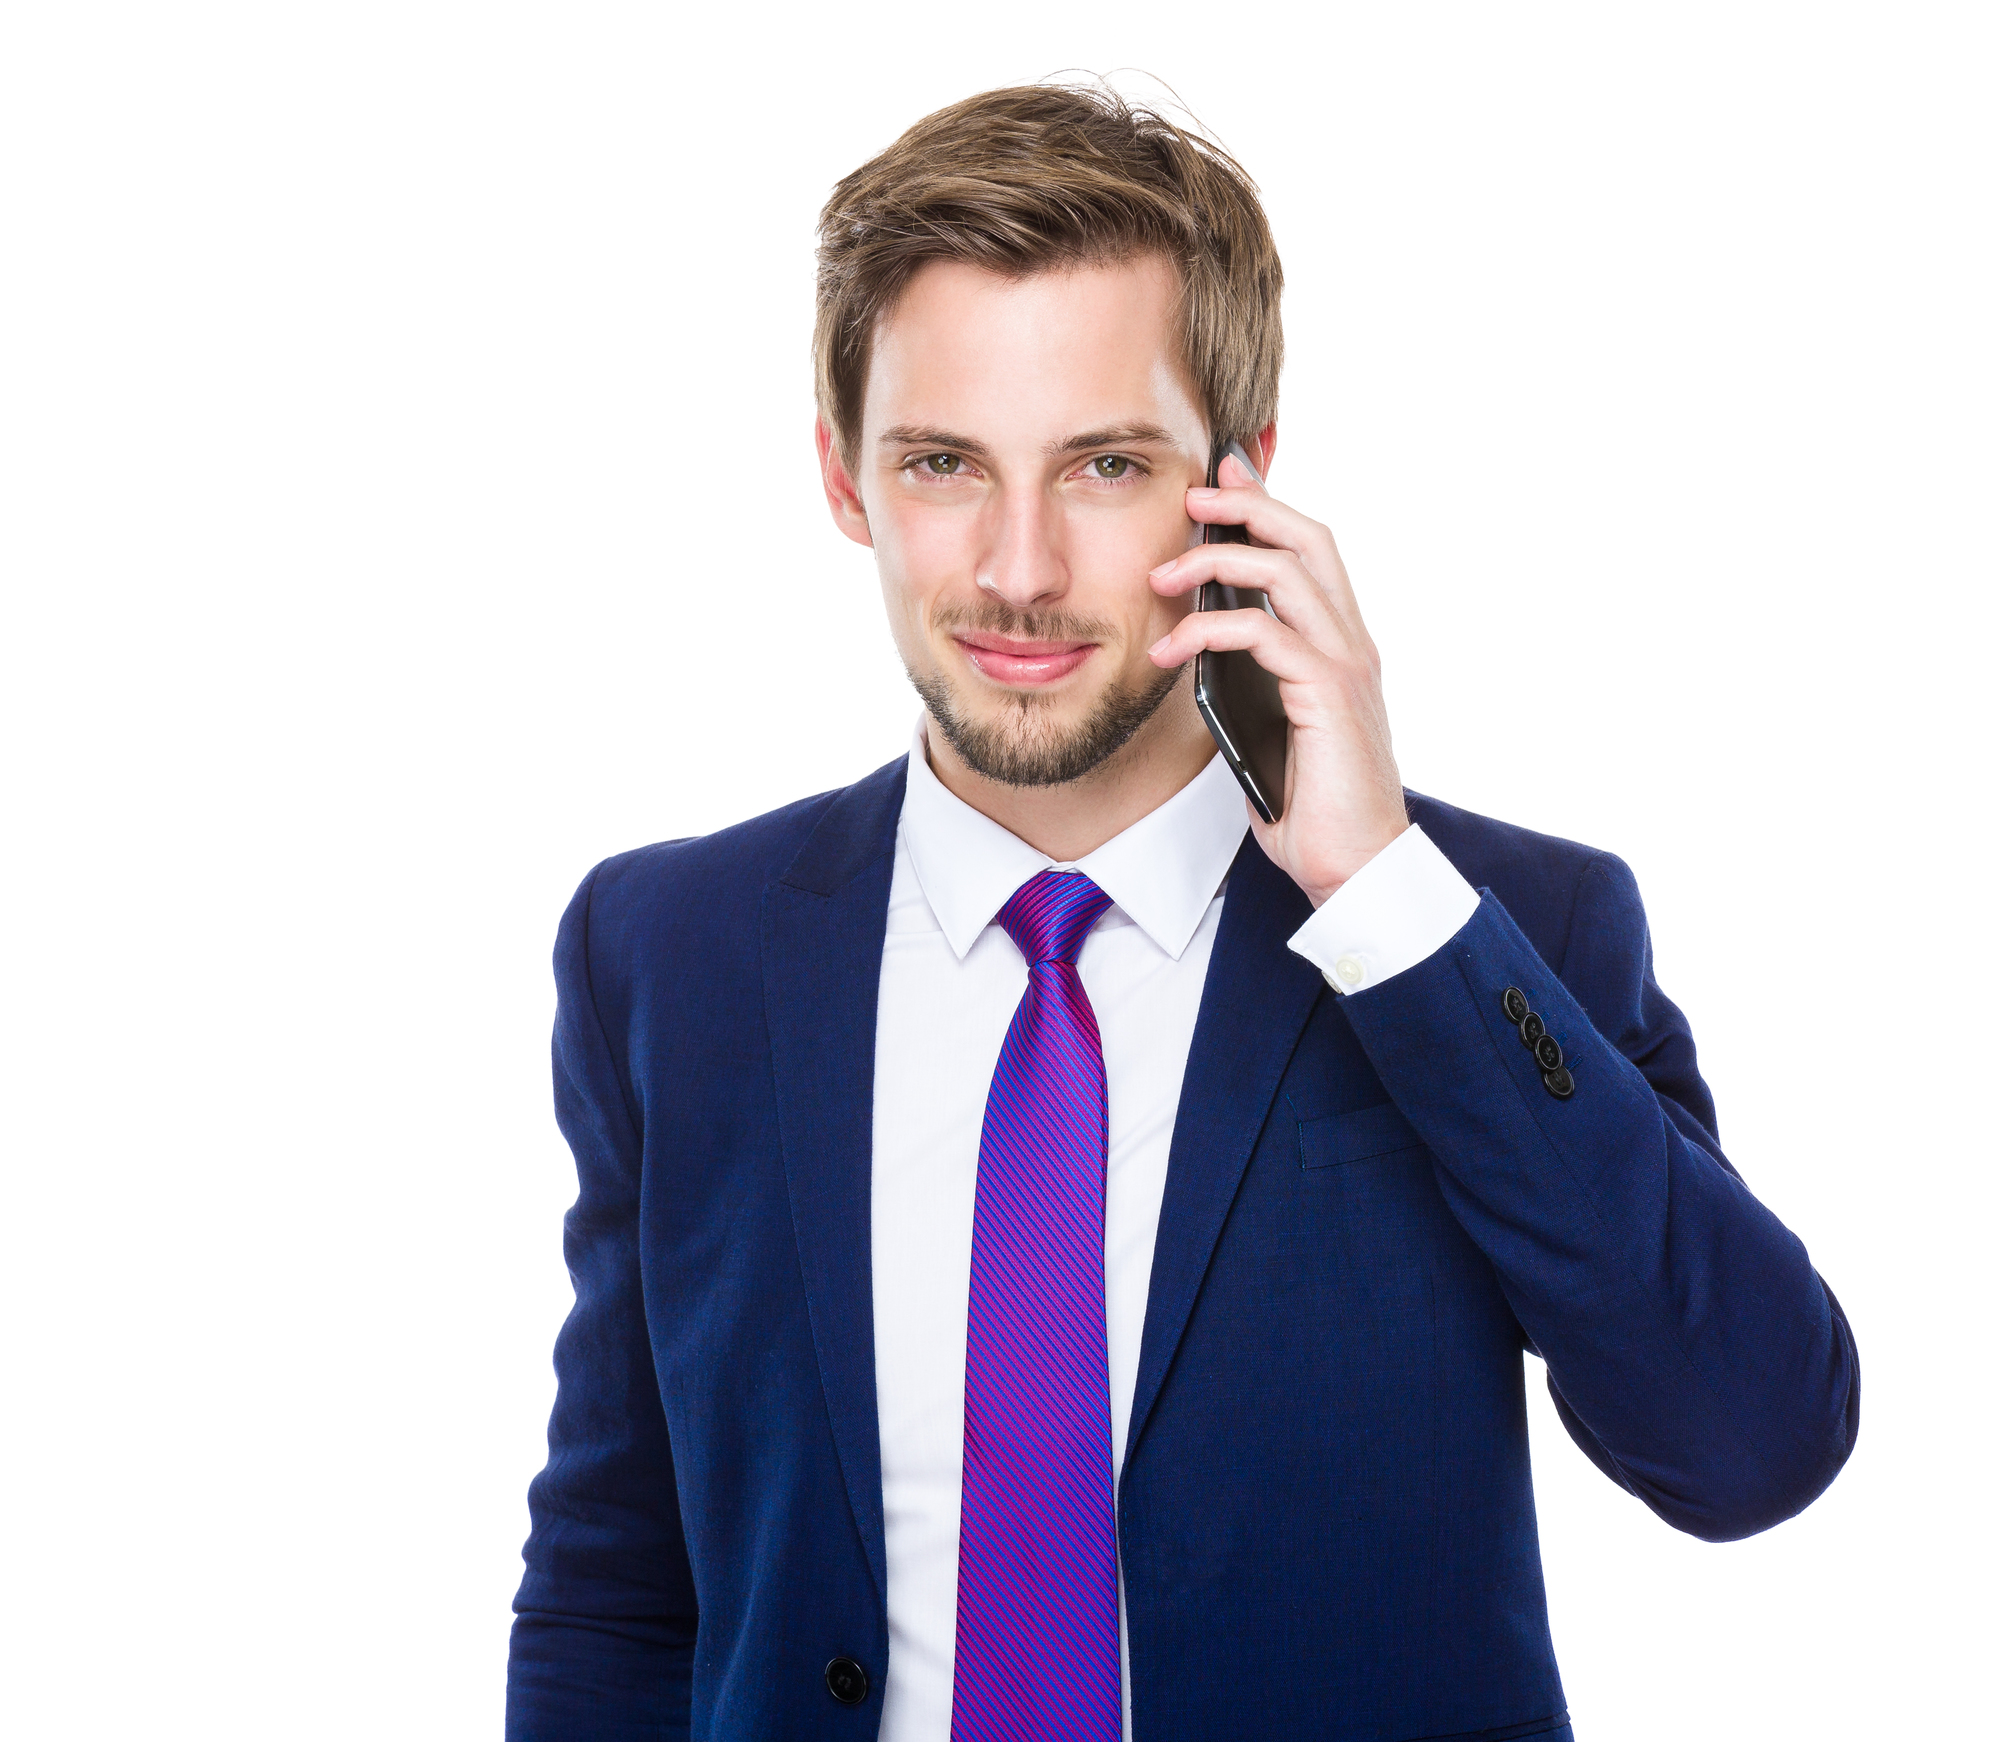 携帯電話をもつ外国人男性